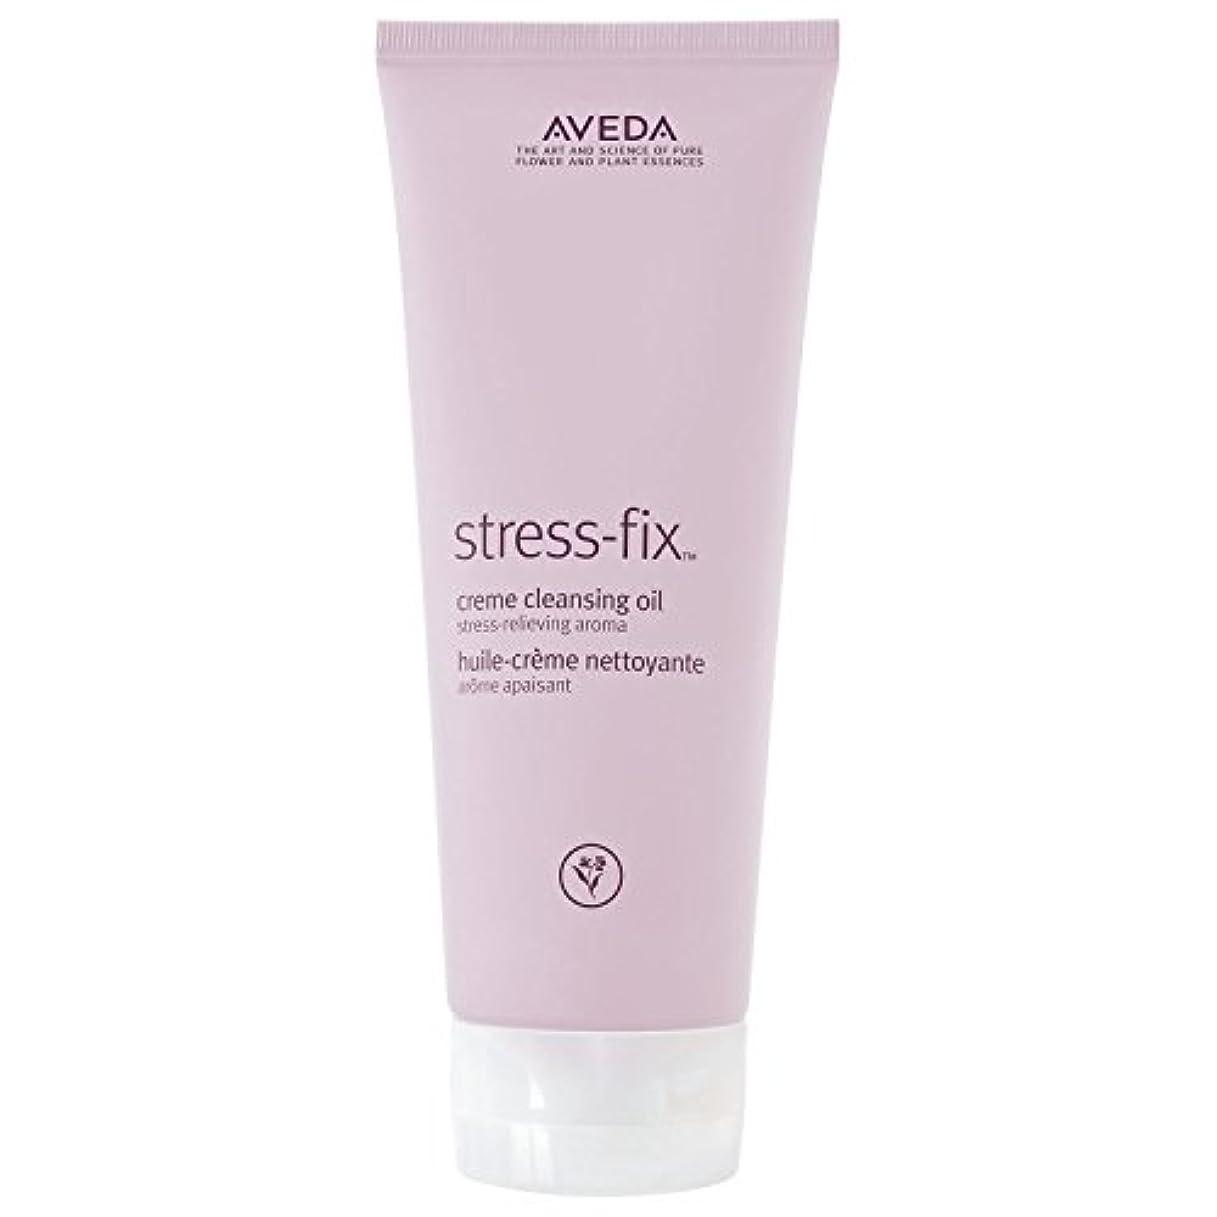 市場潤滑する素子[AVEDA] アヴェダストレスフィックスクリームクレンジングオイル200ミリリットル - Aveda Stress Fix Creme Cleansing Oil 200ml [並行輸入品]